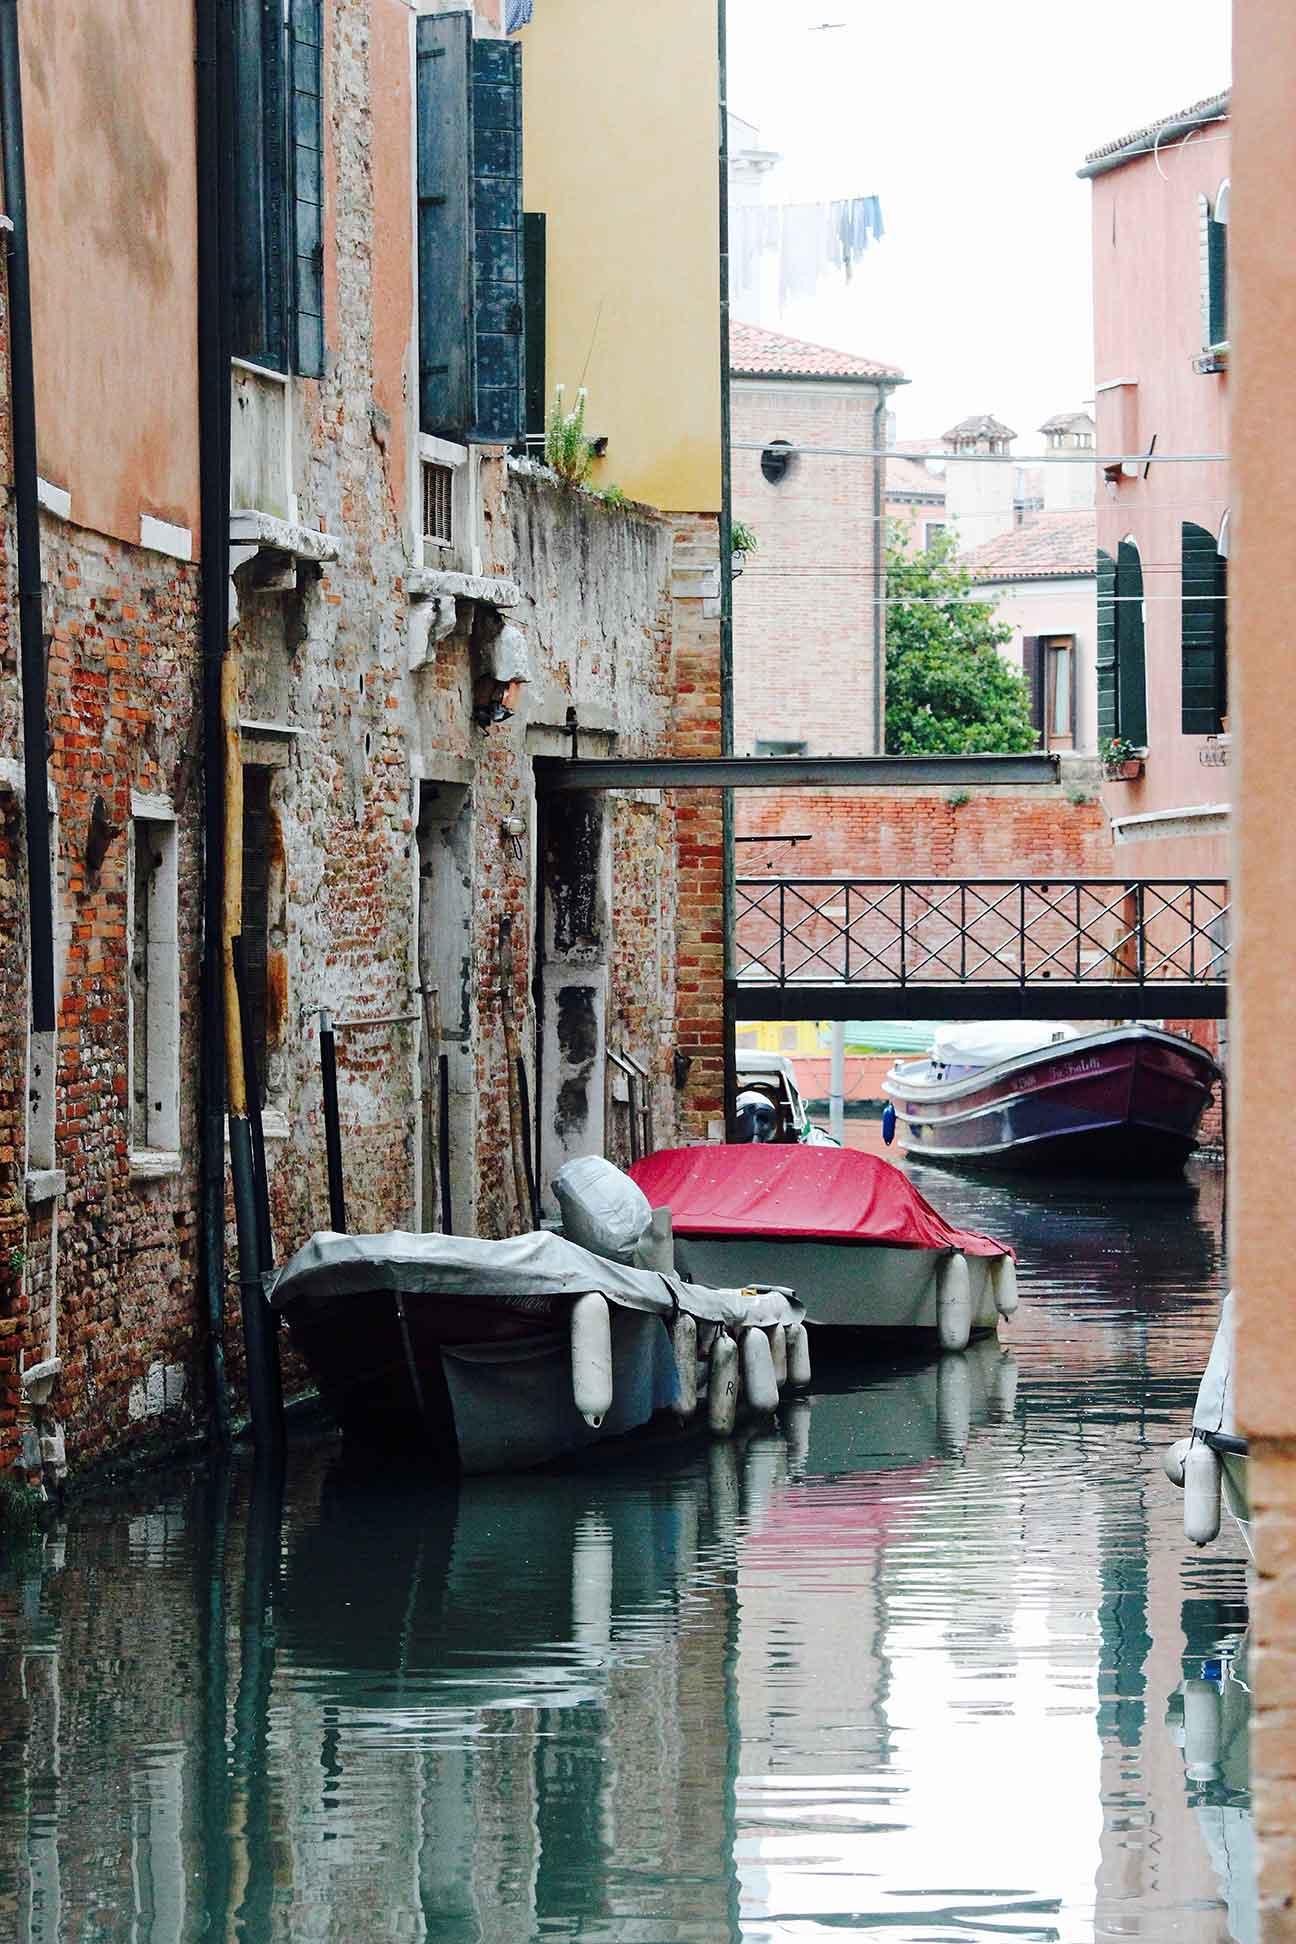 Venice Italy photo print